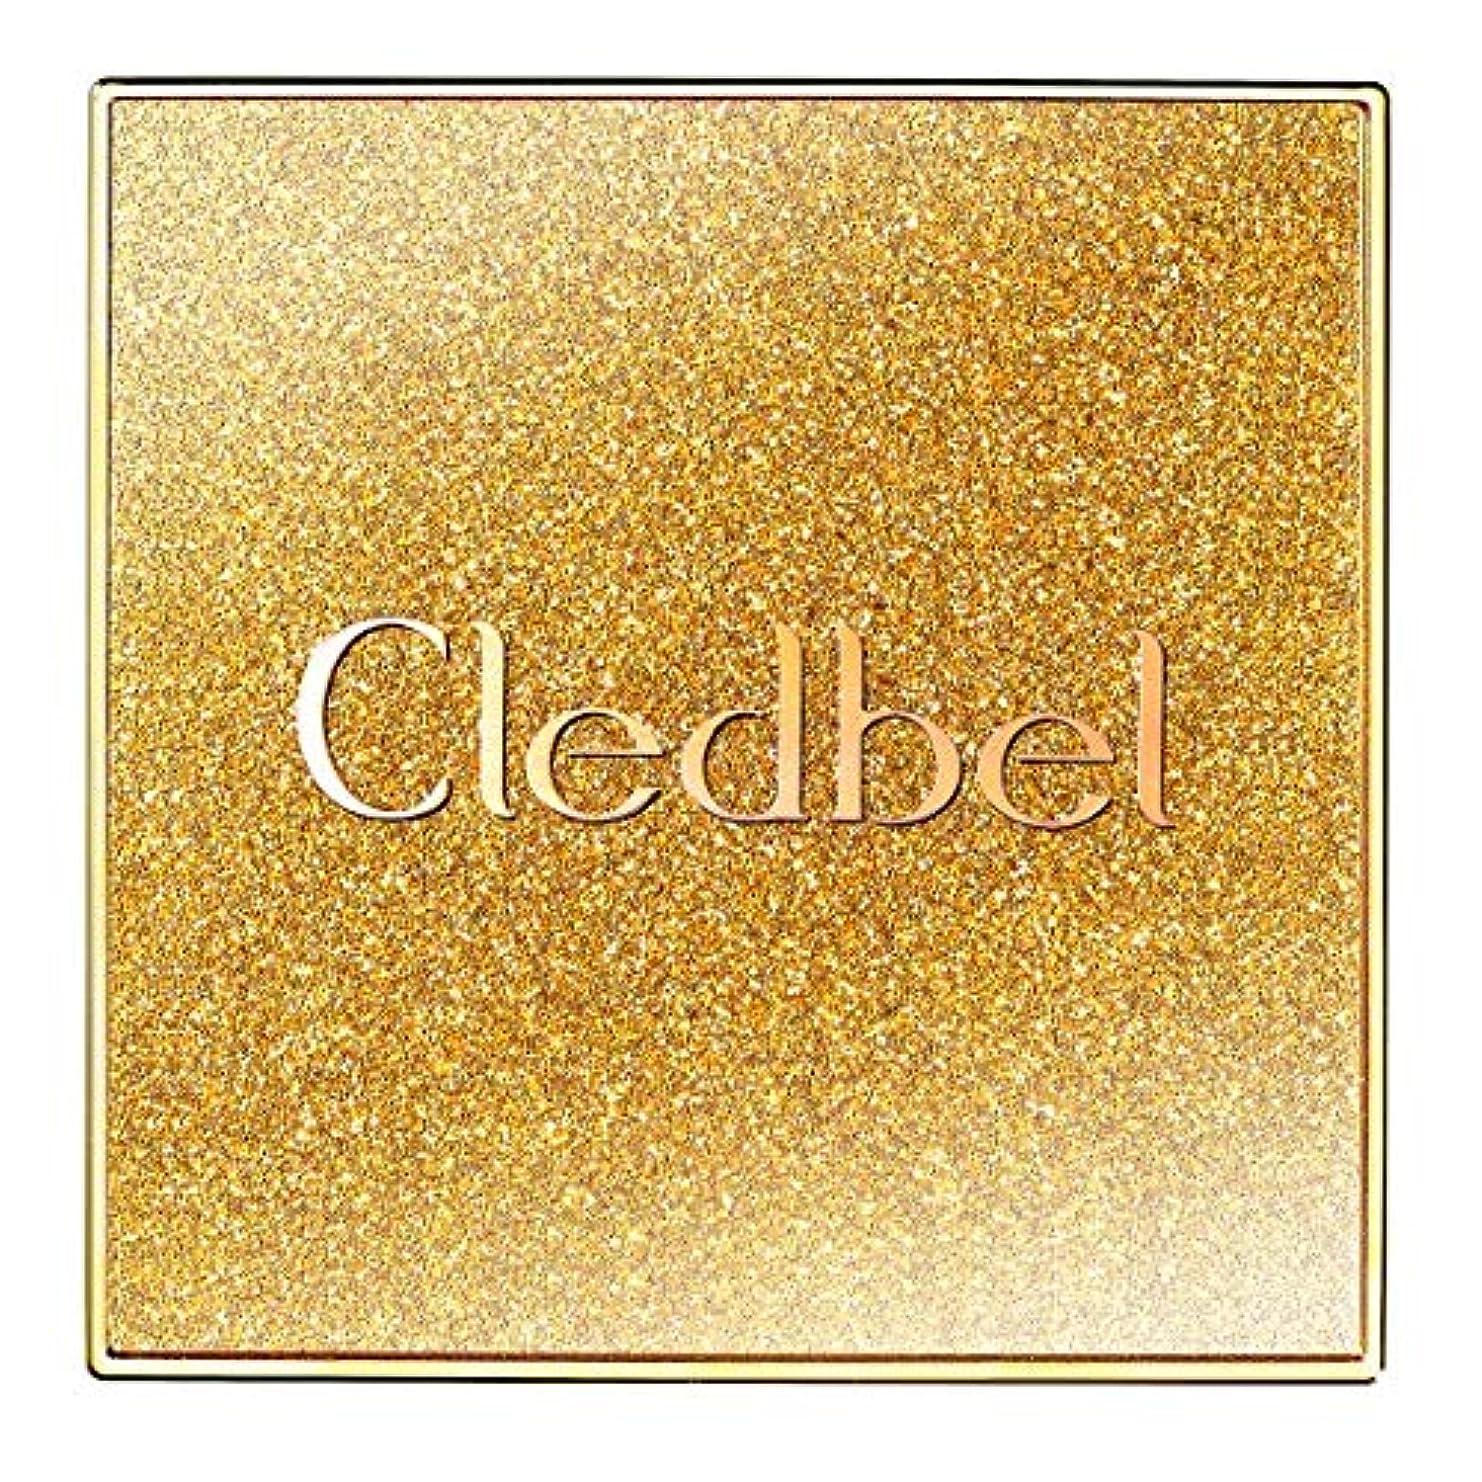 かんたん涙が出る蒸留[Cledbel] Miracle Power Lift V Cushion SPF50+ PA+++ GOLD EDITION/クレッドベルミラクルリフトV クッション [並行輸入品]